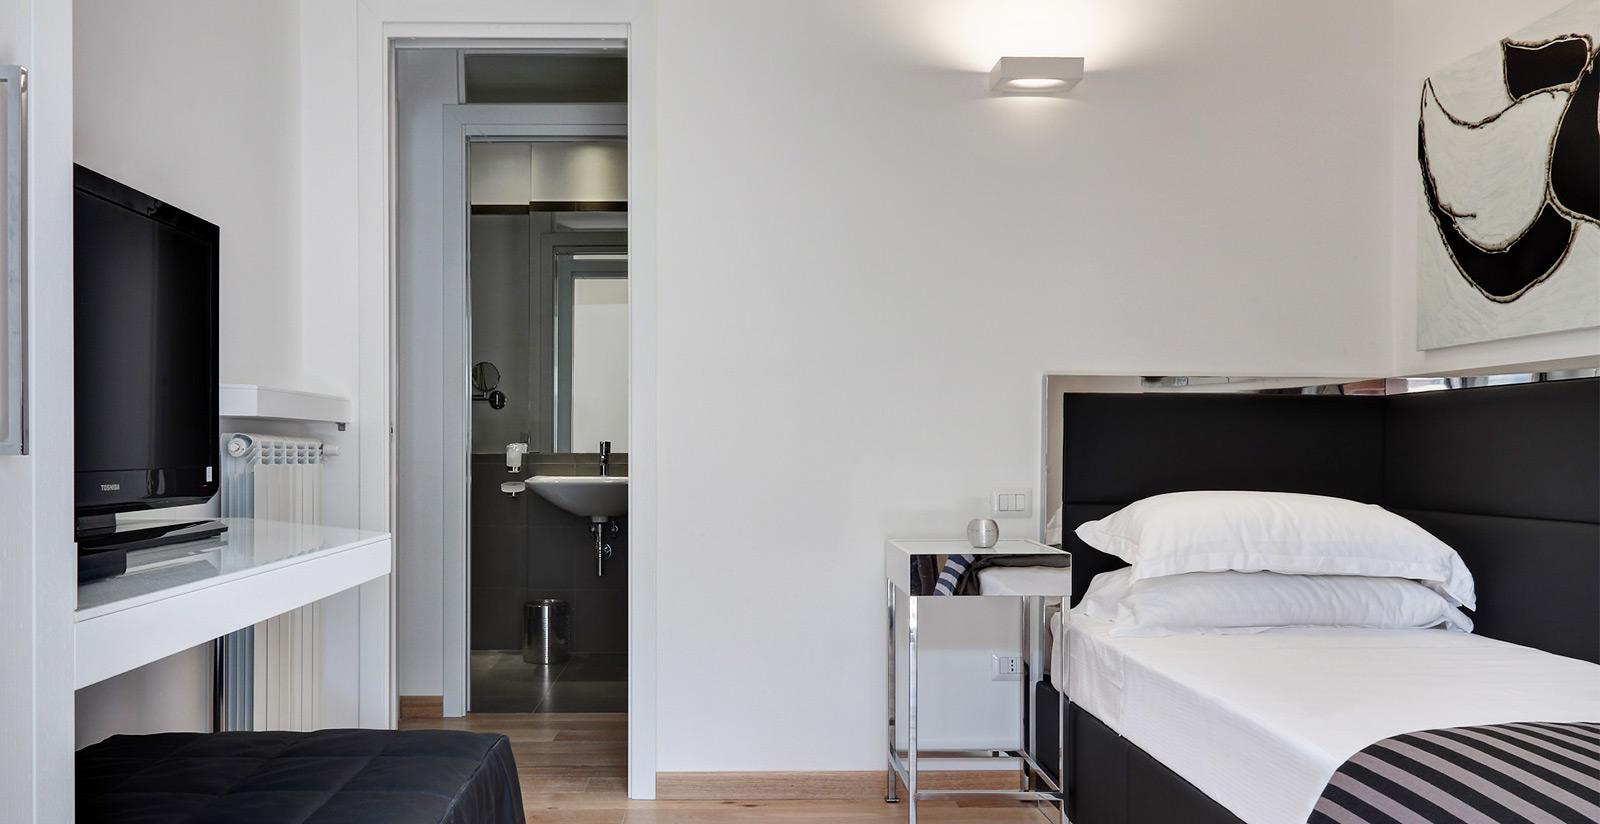 Appartamenti a firenze per vacanze superior lhp river for Appartamenti design firenze